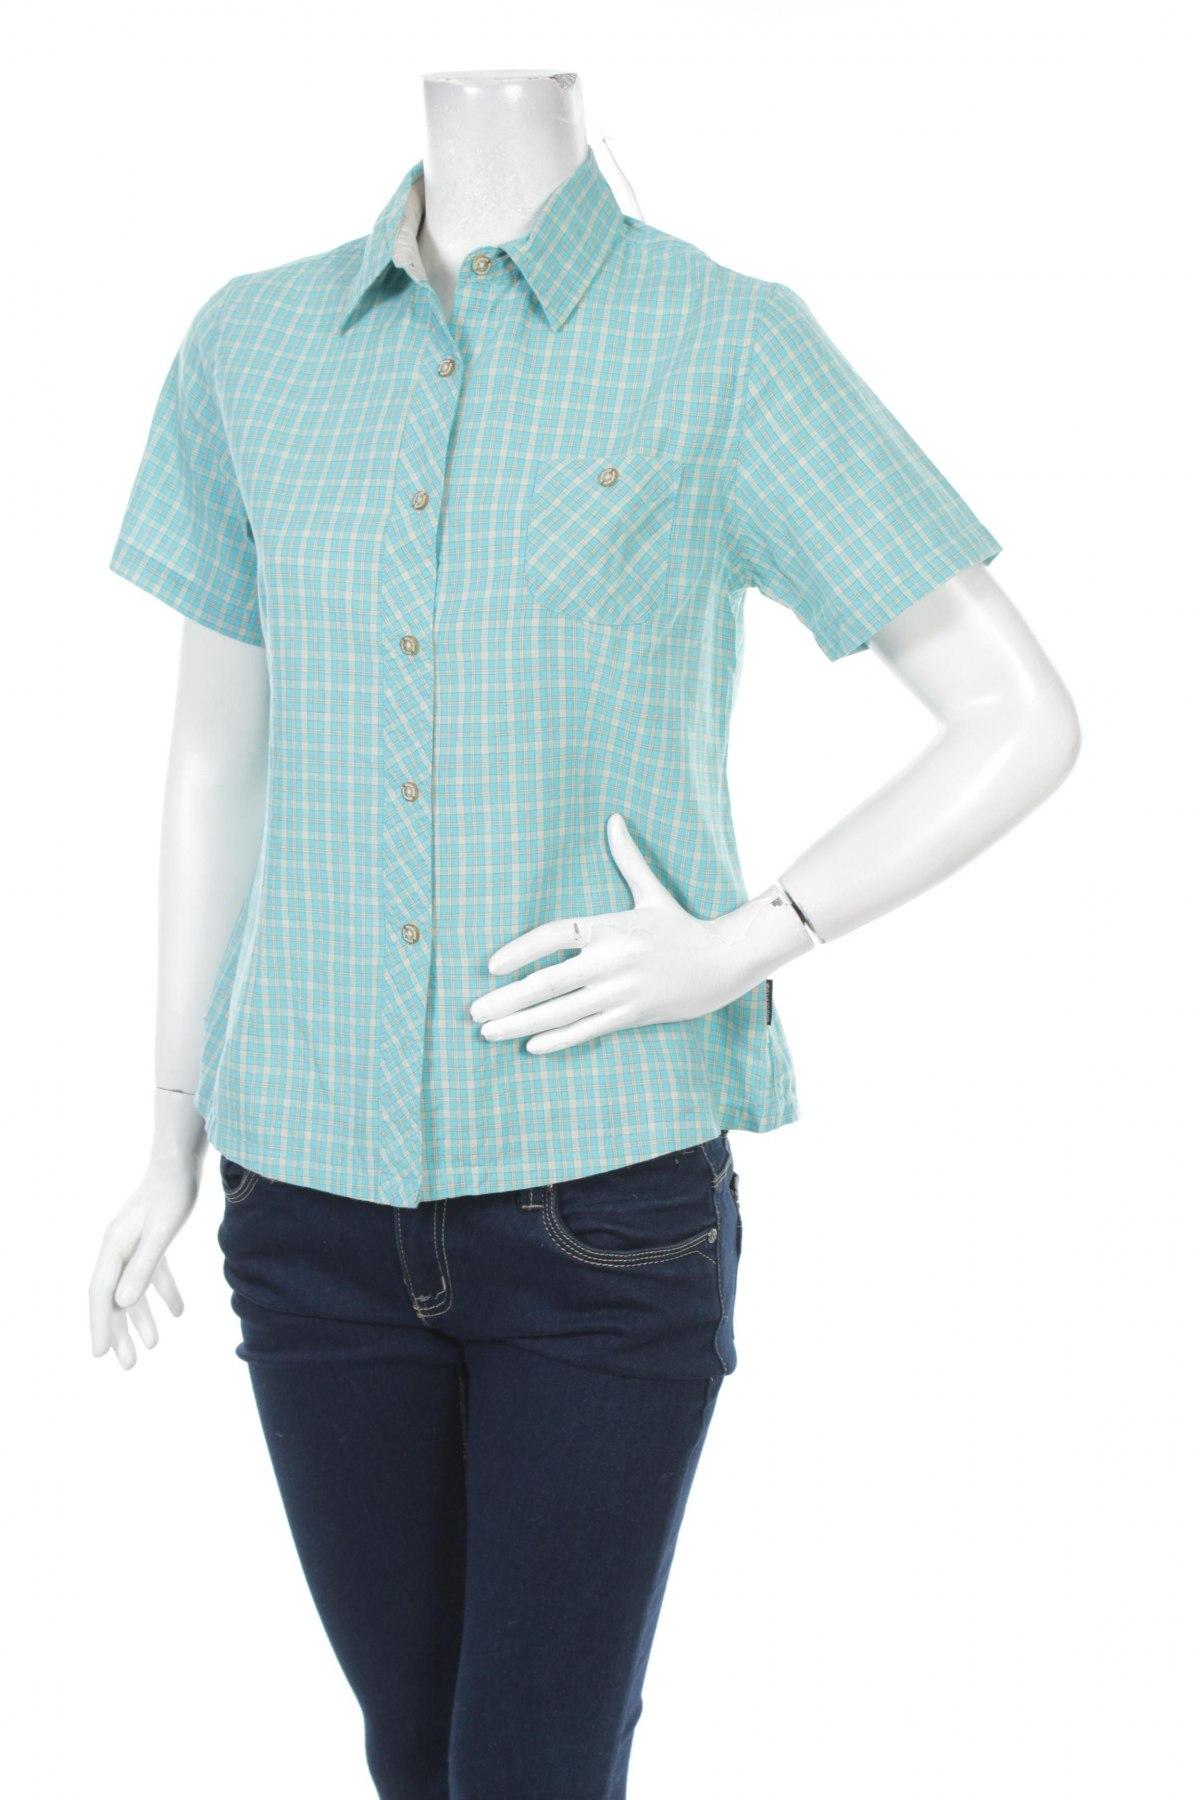 Γυναικείο πουκάμισο Moorhead, Μέγεθος M, Χρώμα Μπλέ, Βαμβάκι, Τιμή 11,75€